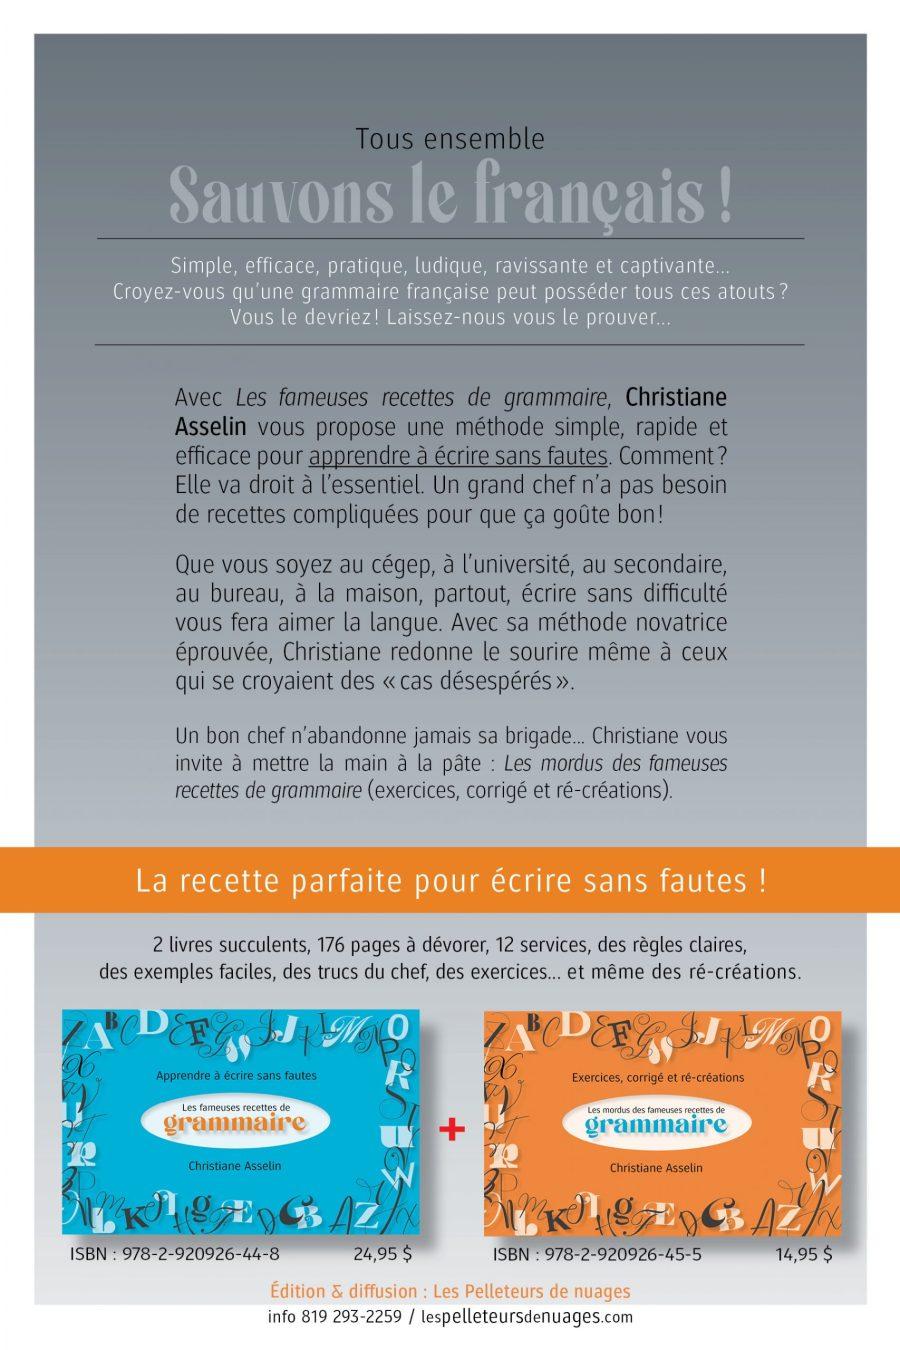 FRG Sauvons le français